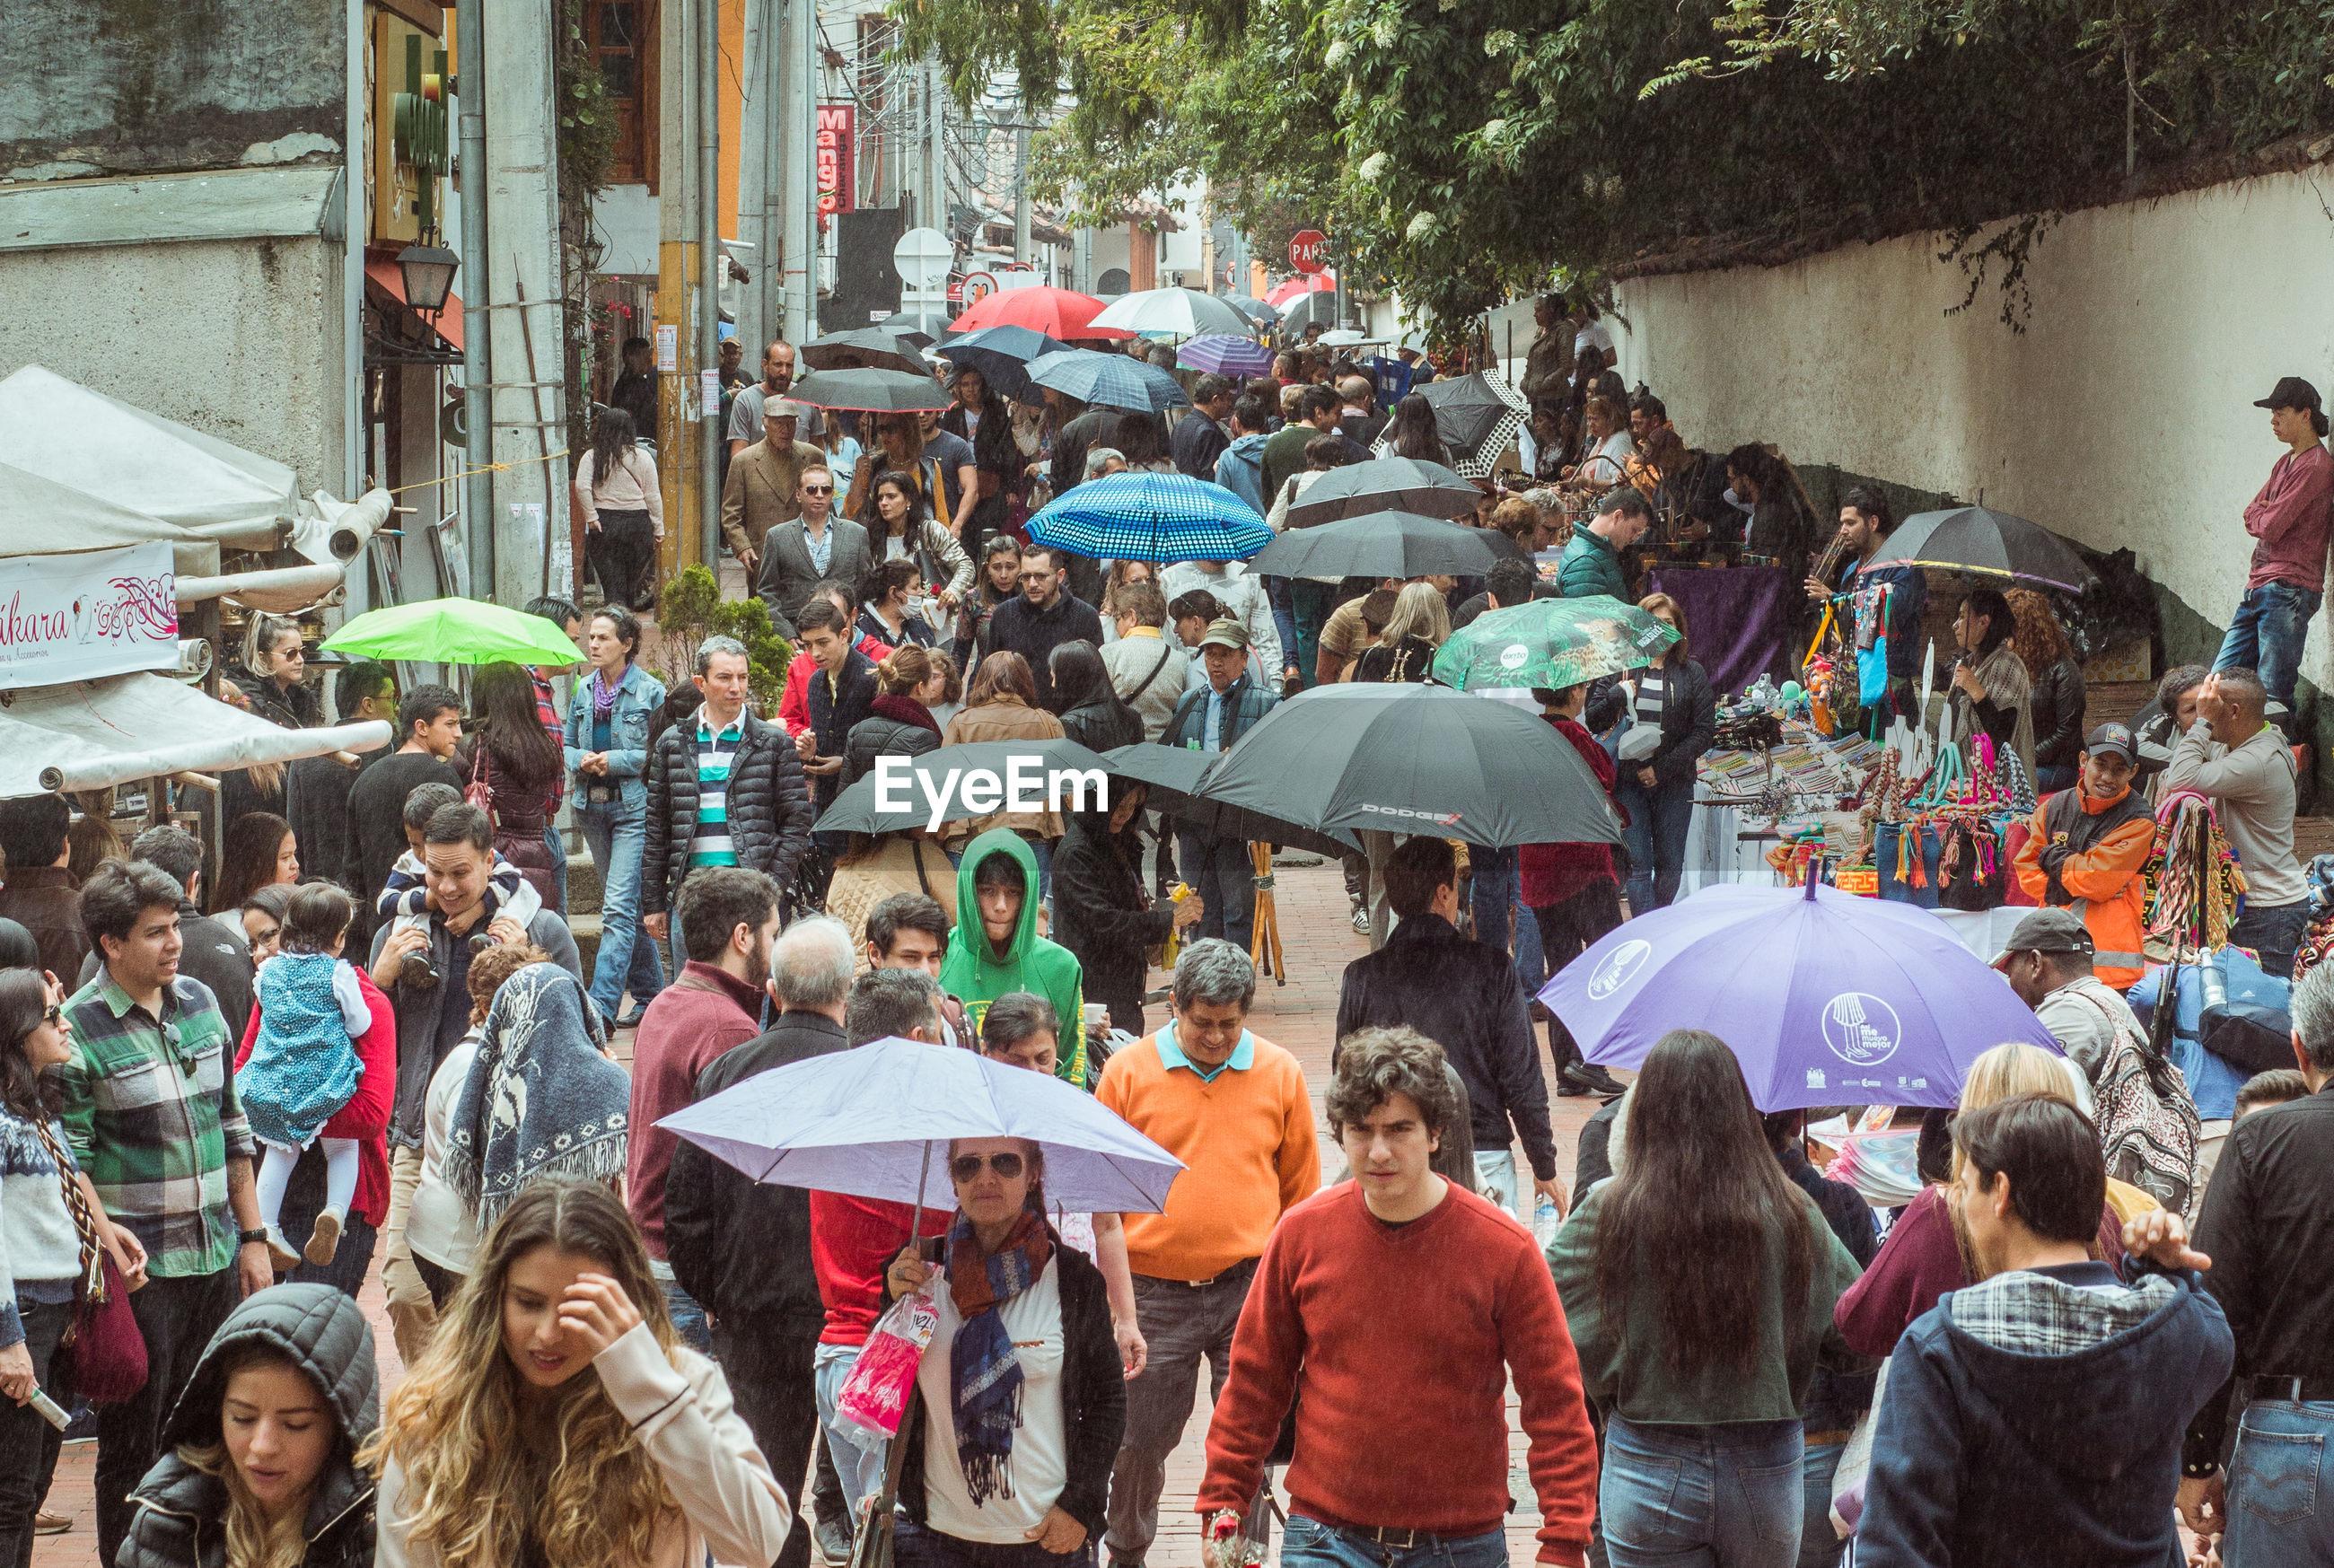 PEOPLE WALKING ON STREET IN RAIN